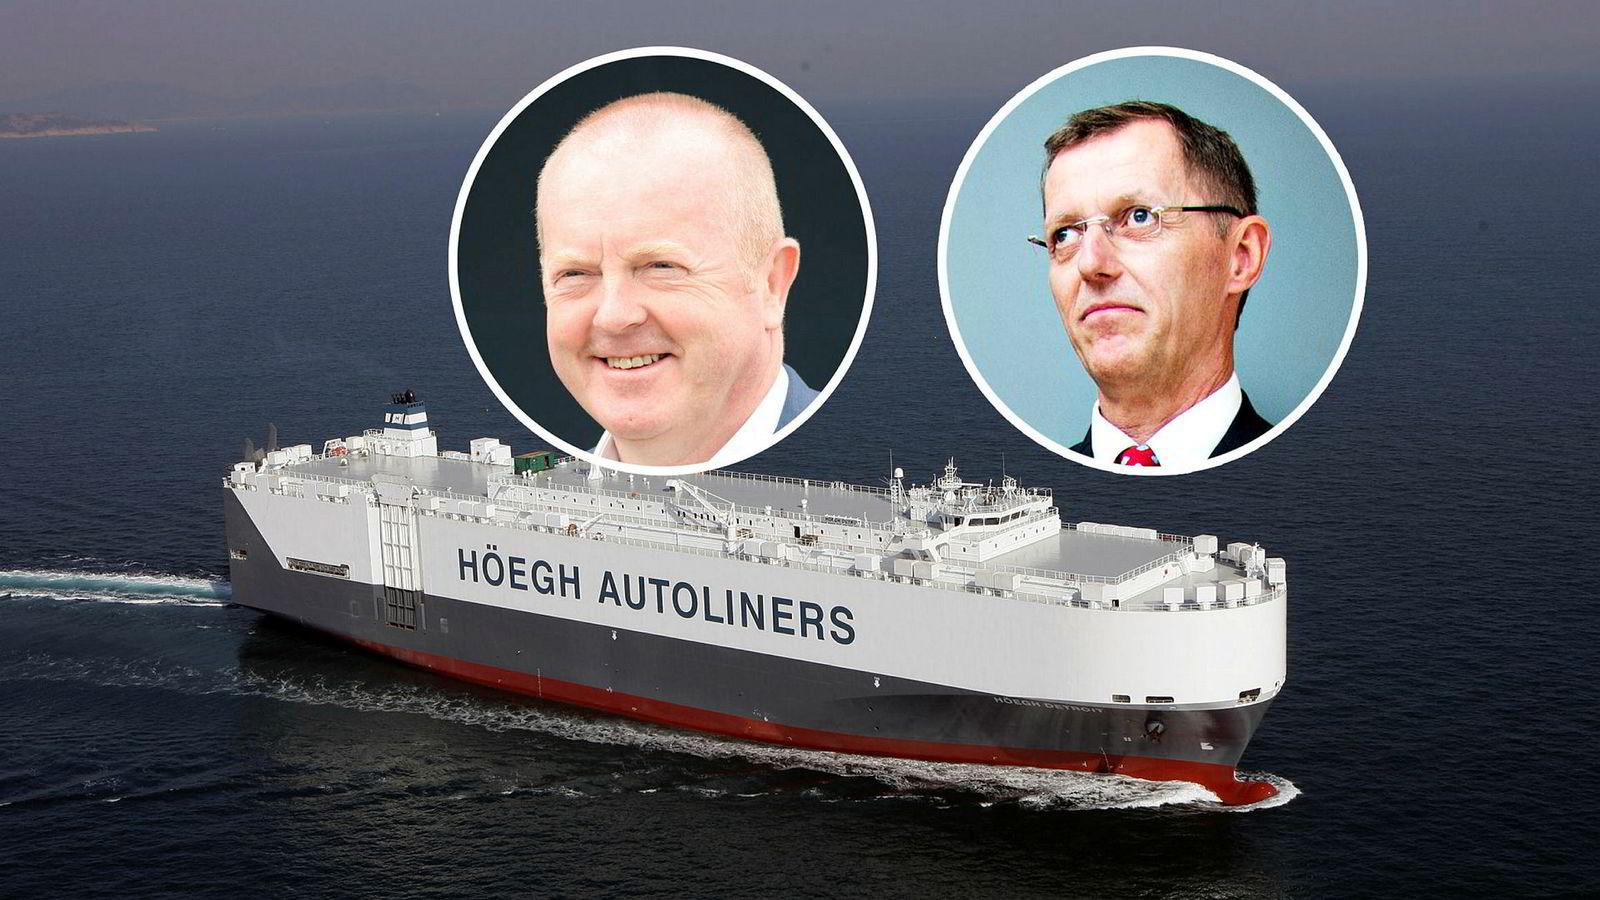 De tidligere sjefene i Höegh Autoliners, Øivind Ervik og Ingar Skiaker, er tiltalt i USA, ifølge en pressemelding fra    det amerikanske justisdepartementet. I bakgrunnen er skipet Höegh Detroit.